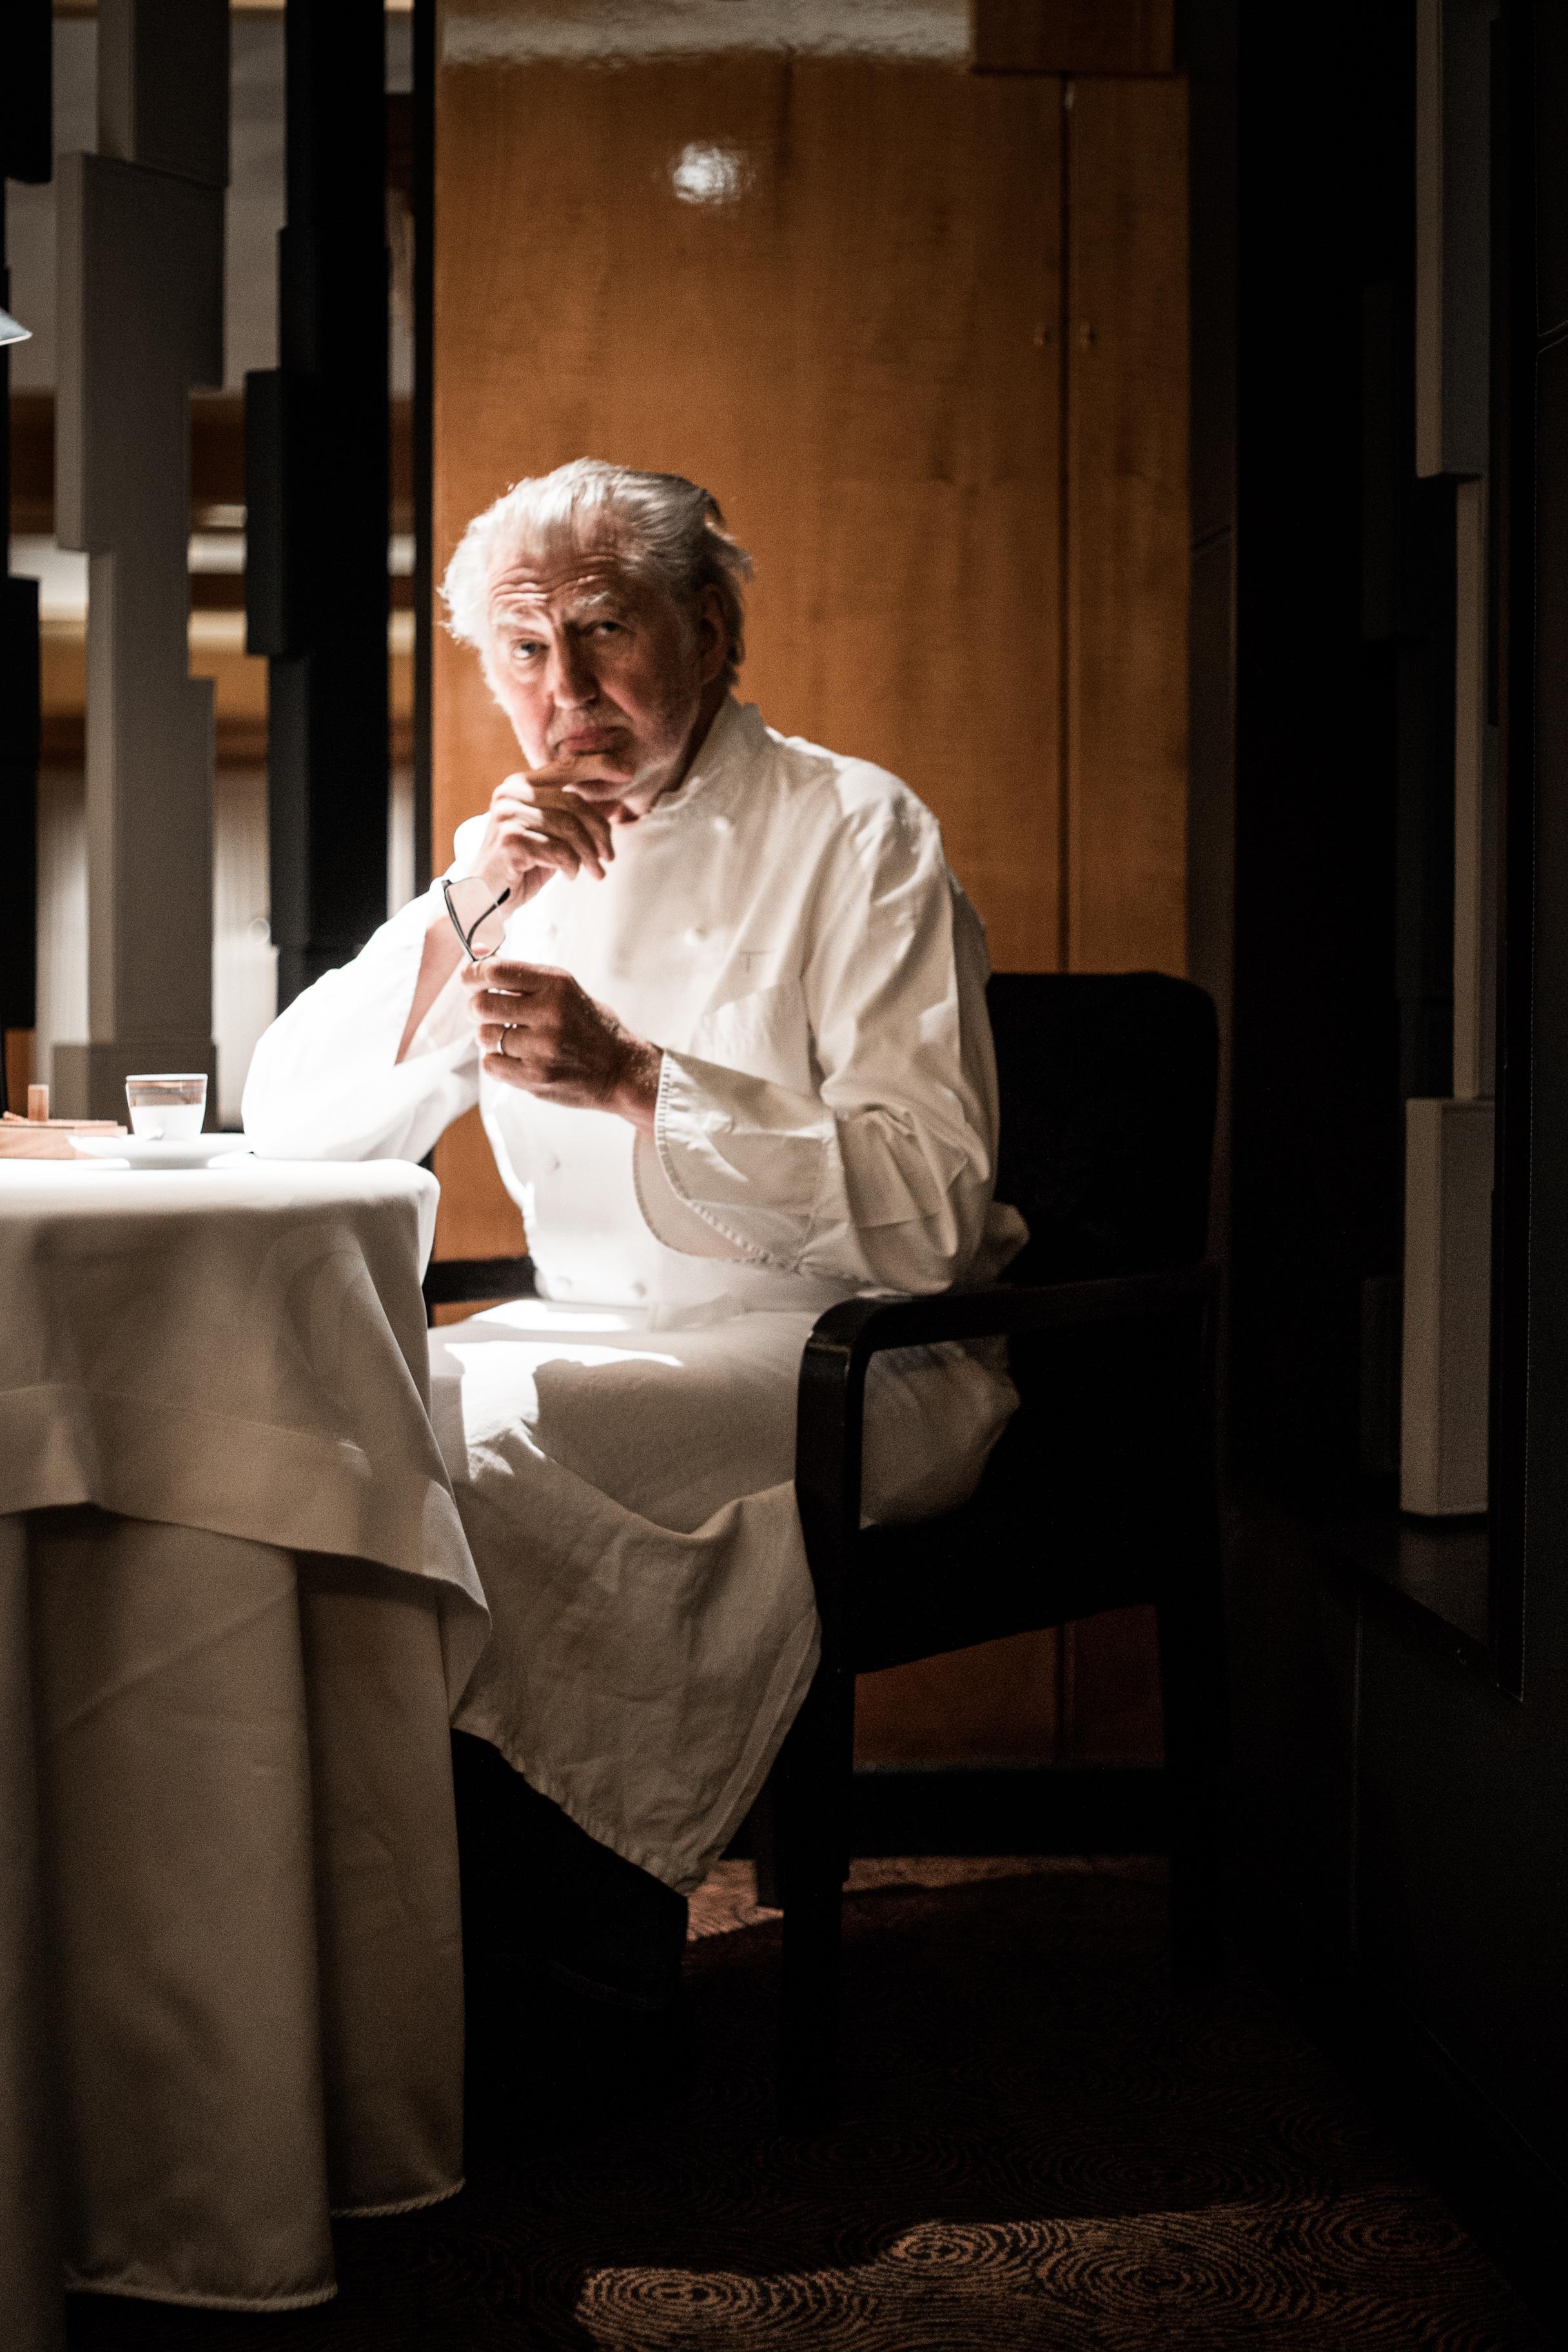 Pierre Gagnaire grand chef étoilé